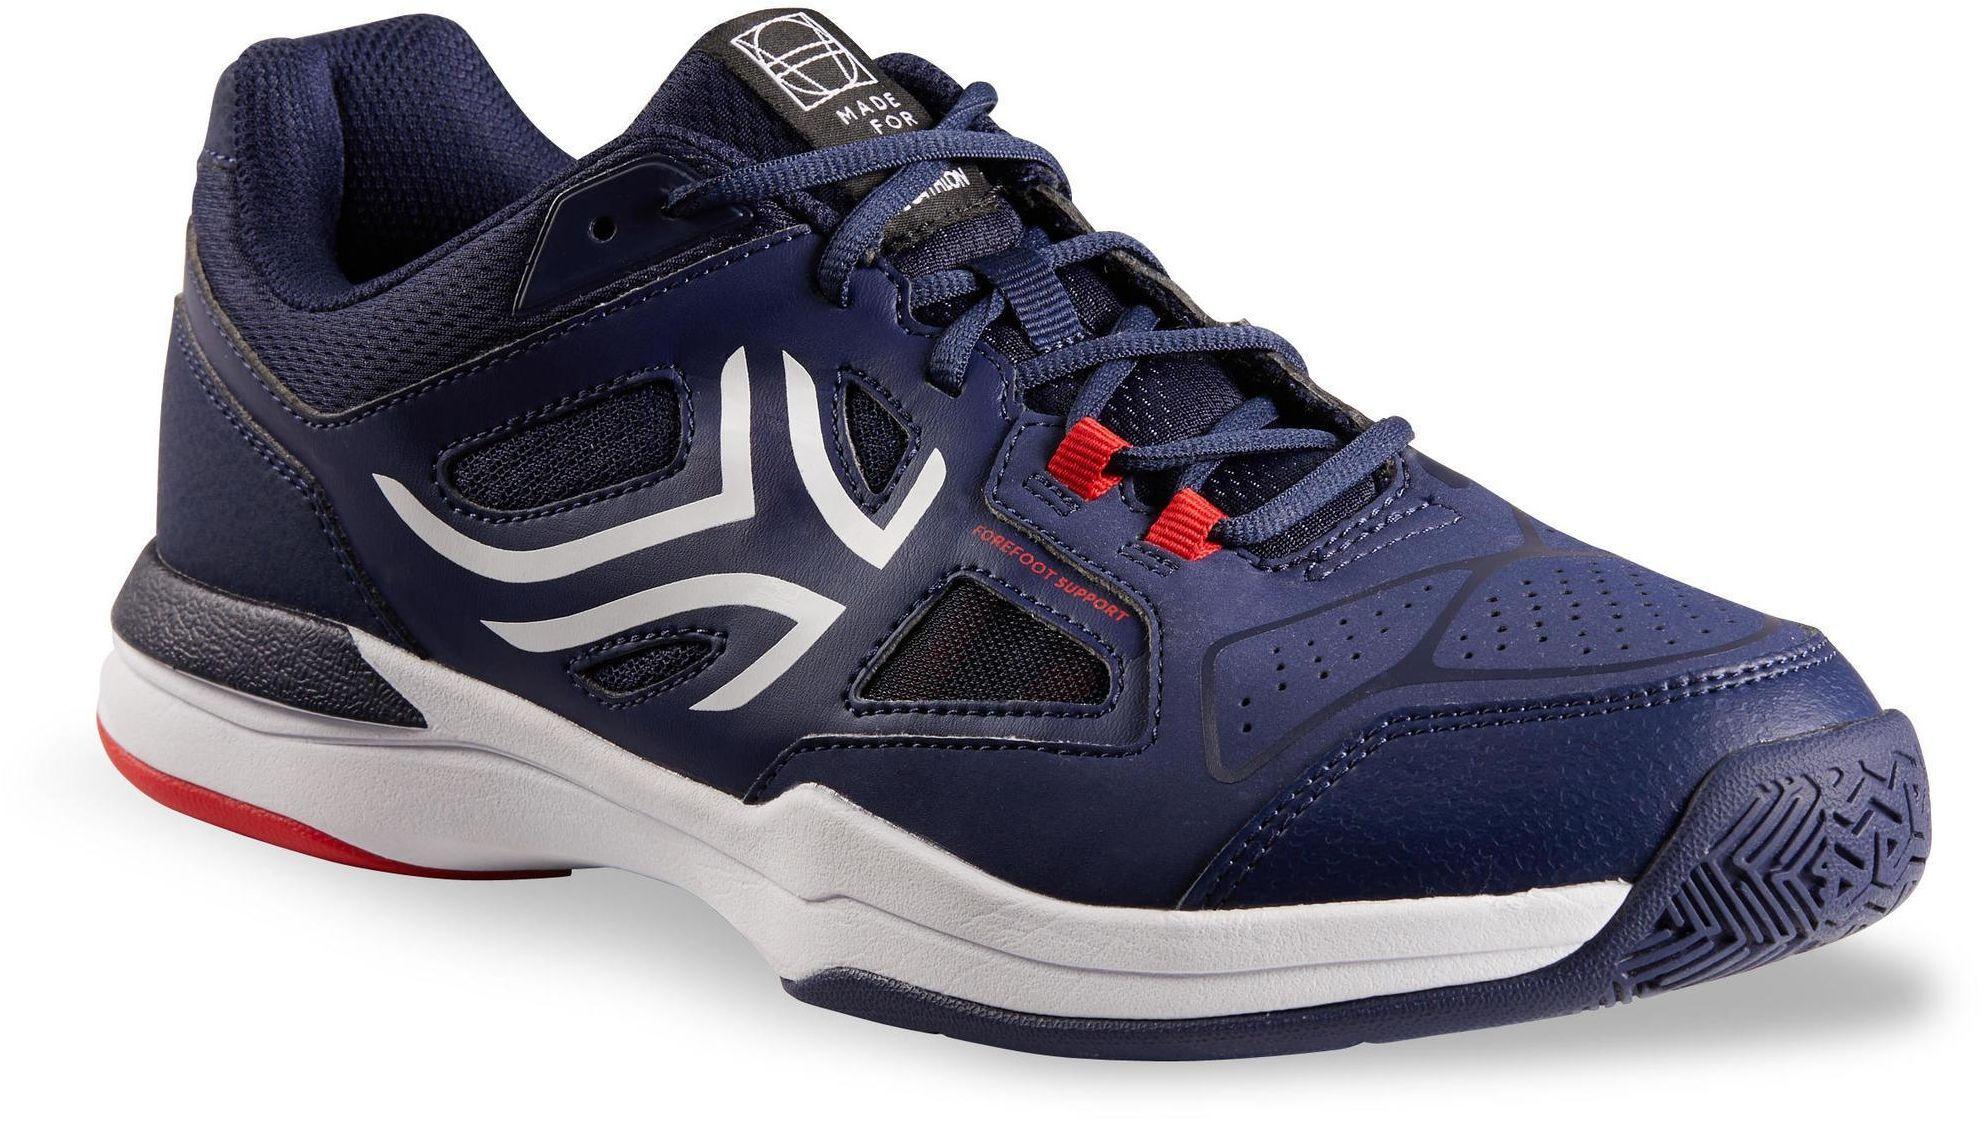 Buty tenis TS500 męskie na każdą nawierzchnię